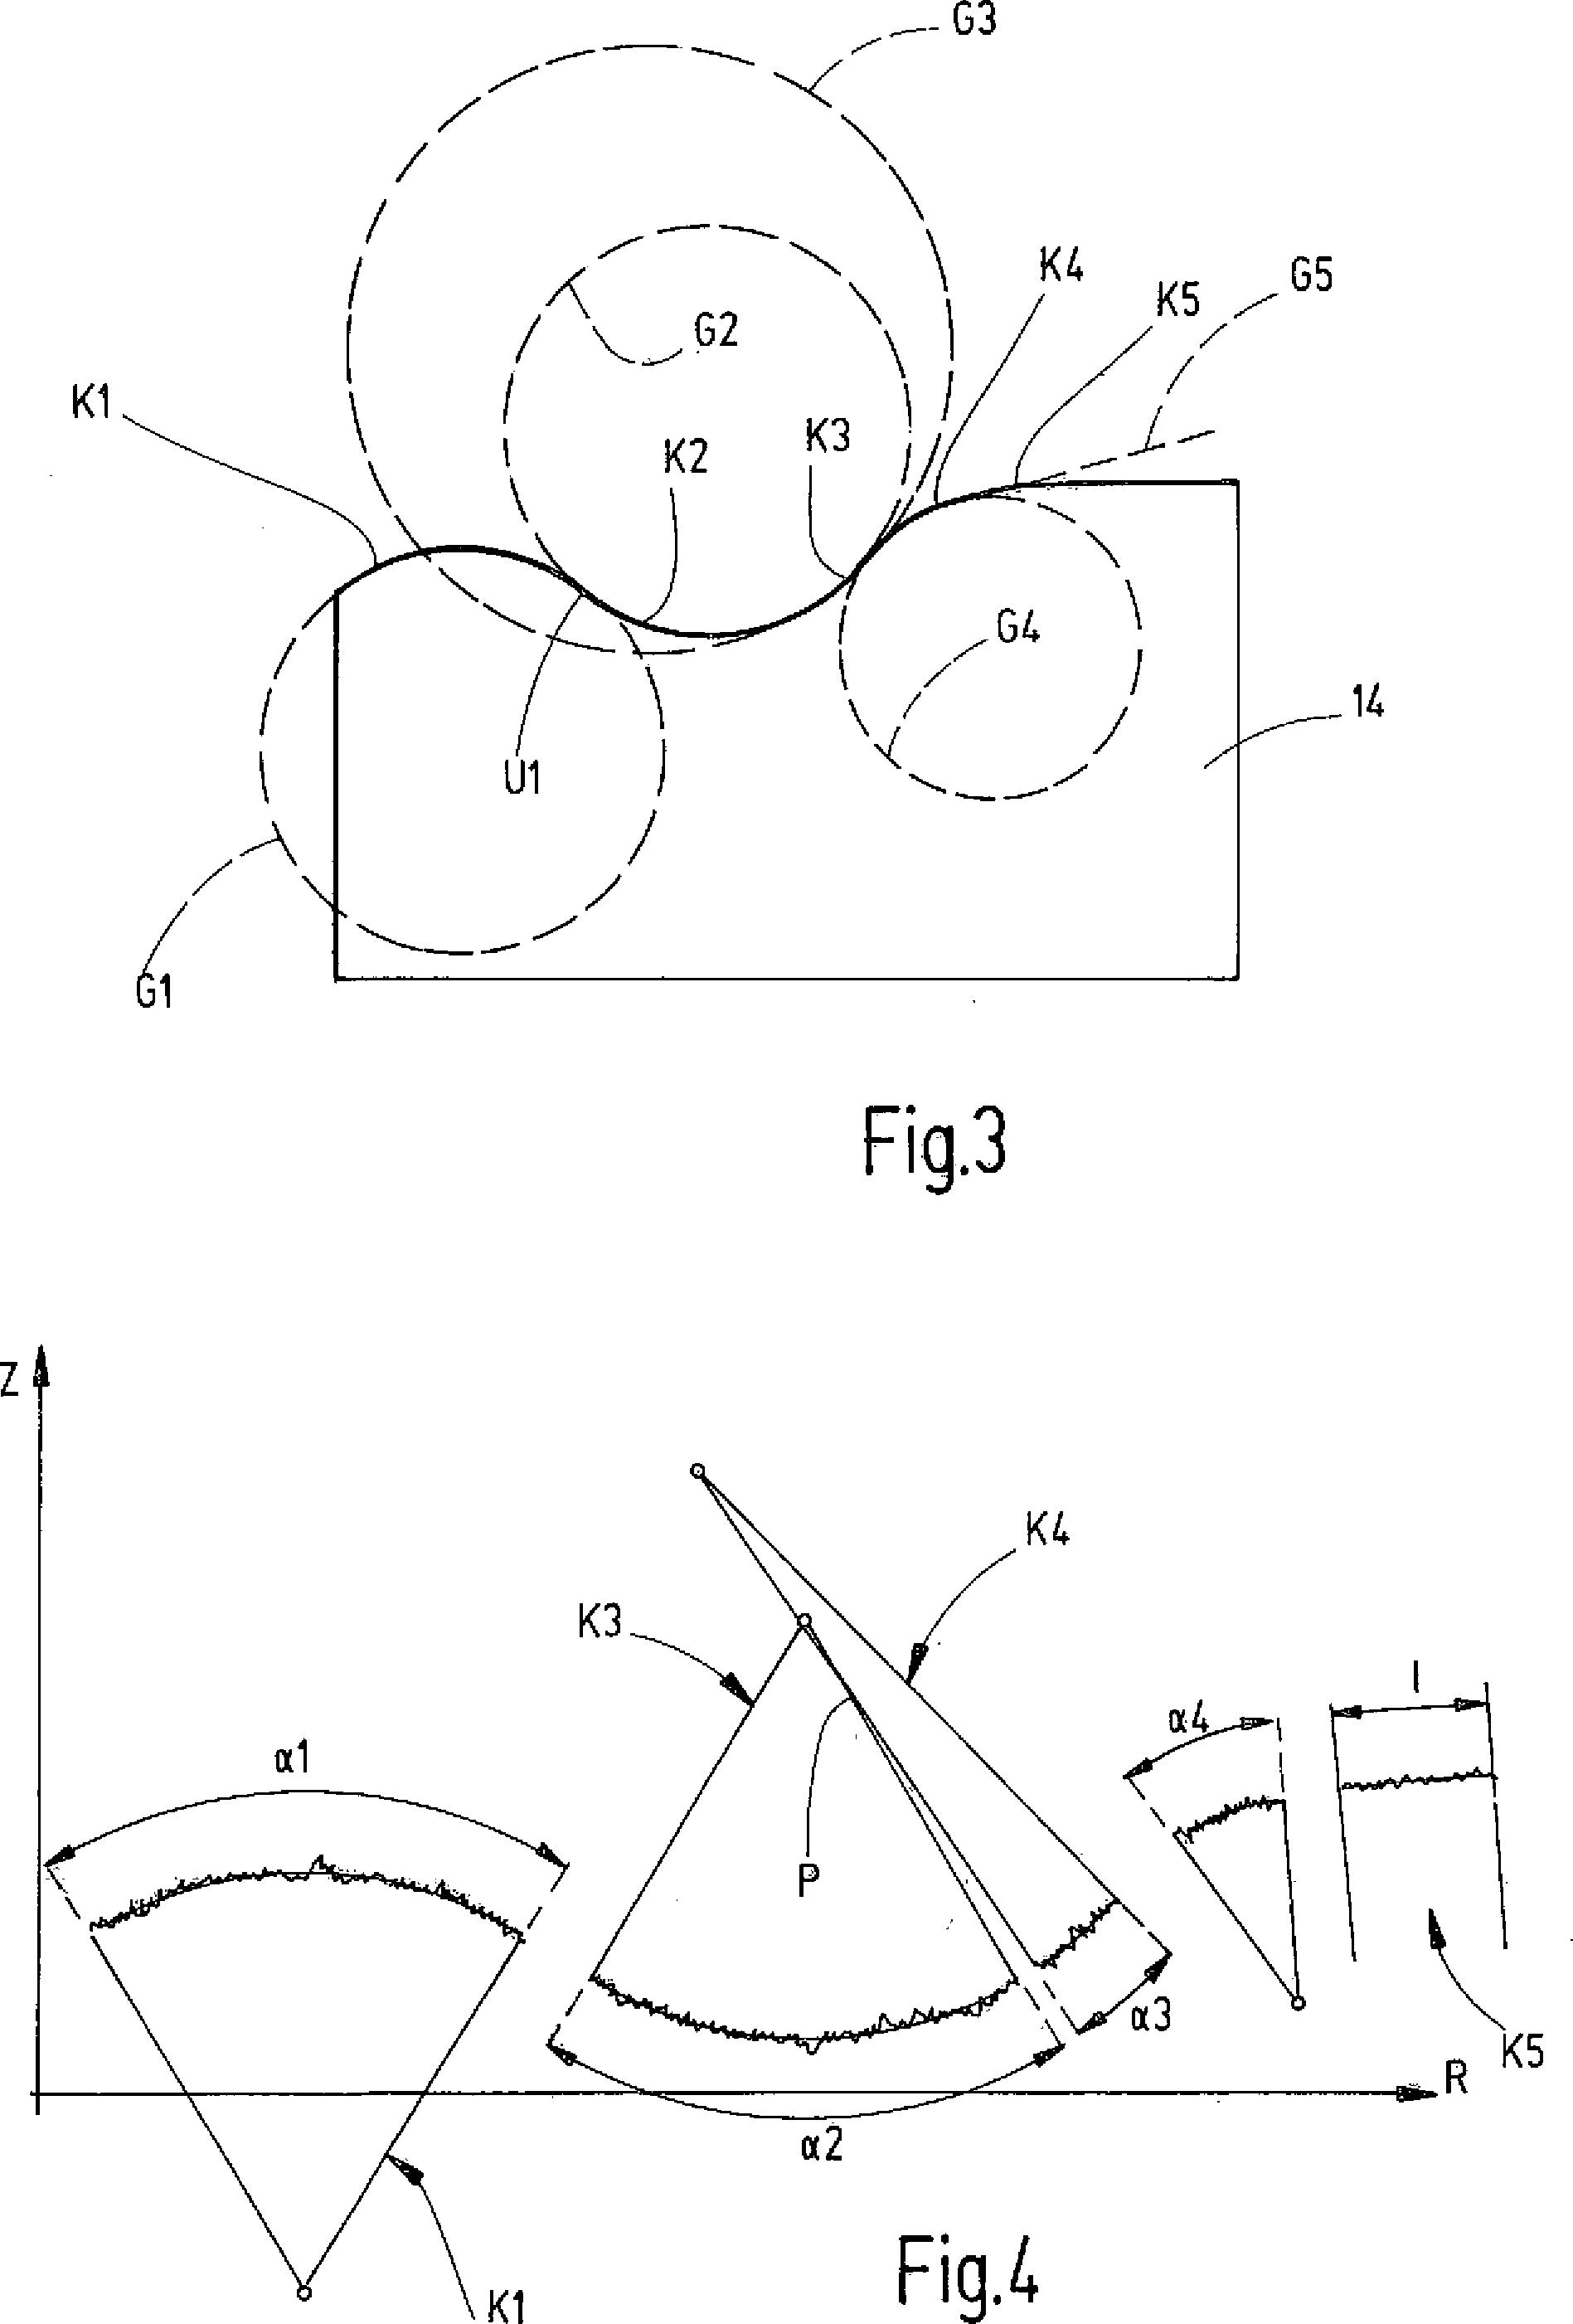 Anschluss-und Inbetriebnahme-Verfahren